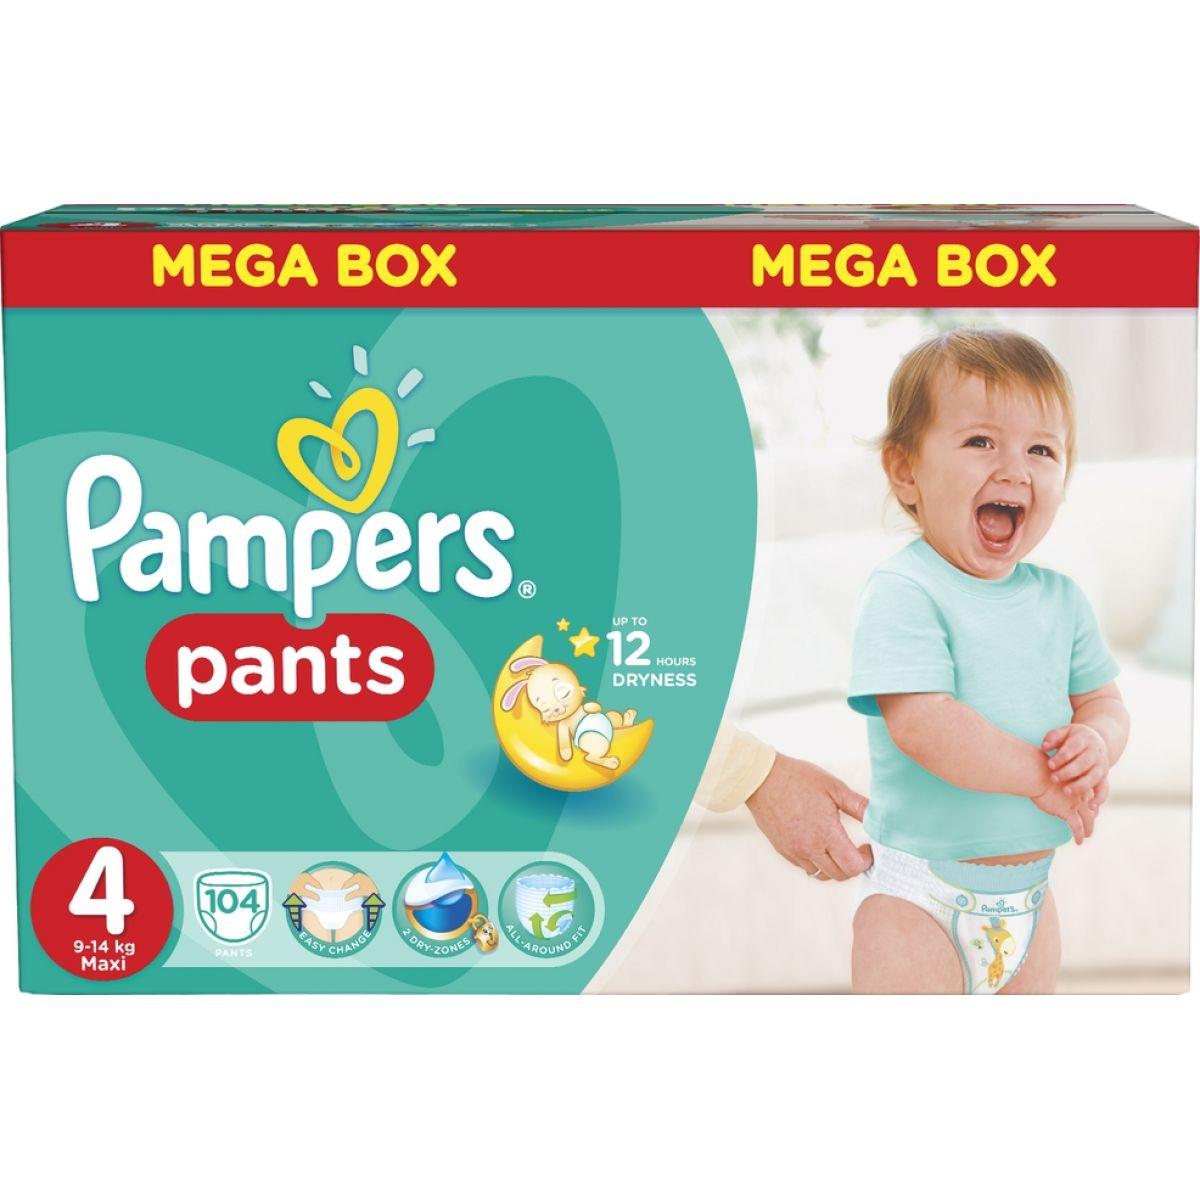 Pampers Kalhotkové plenky Mega Box 4 Maxi 104ks - Poškozený obal